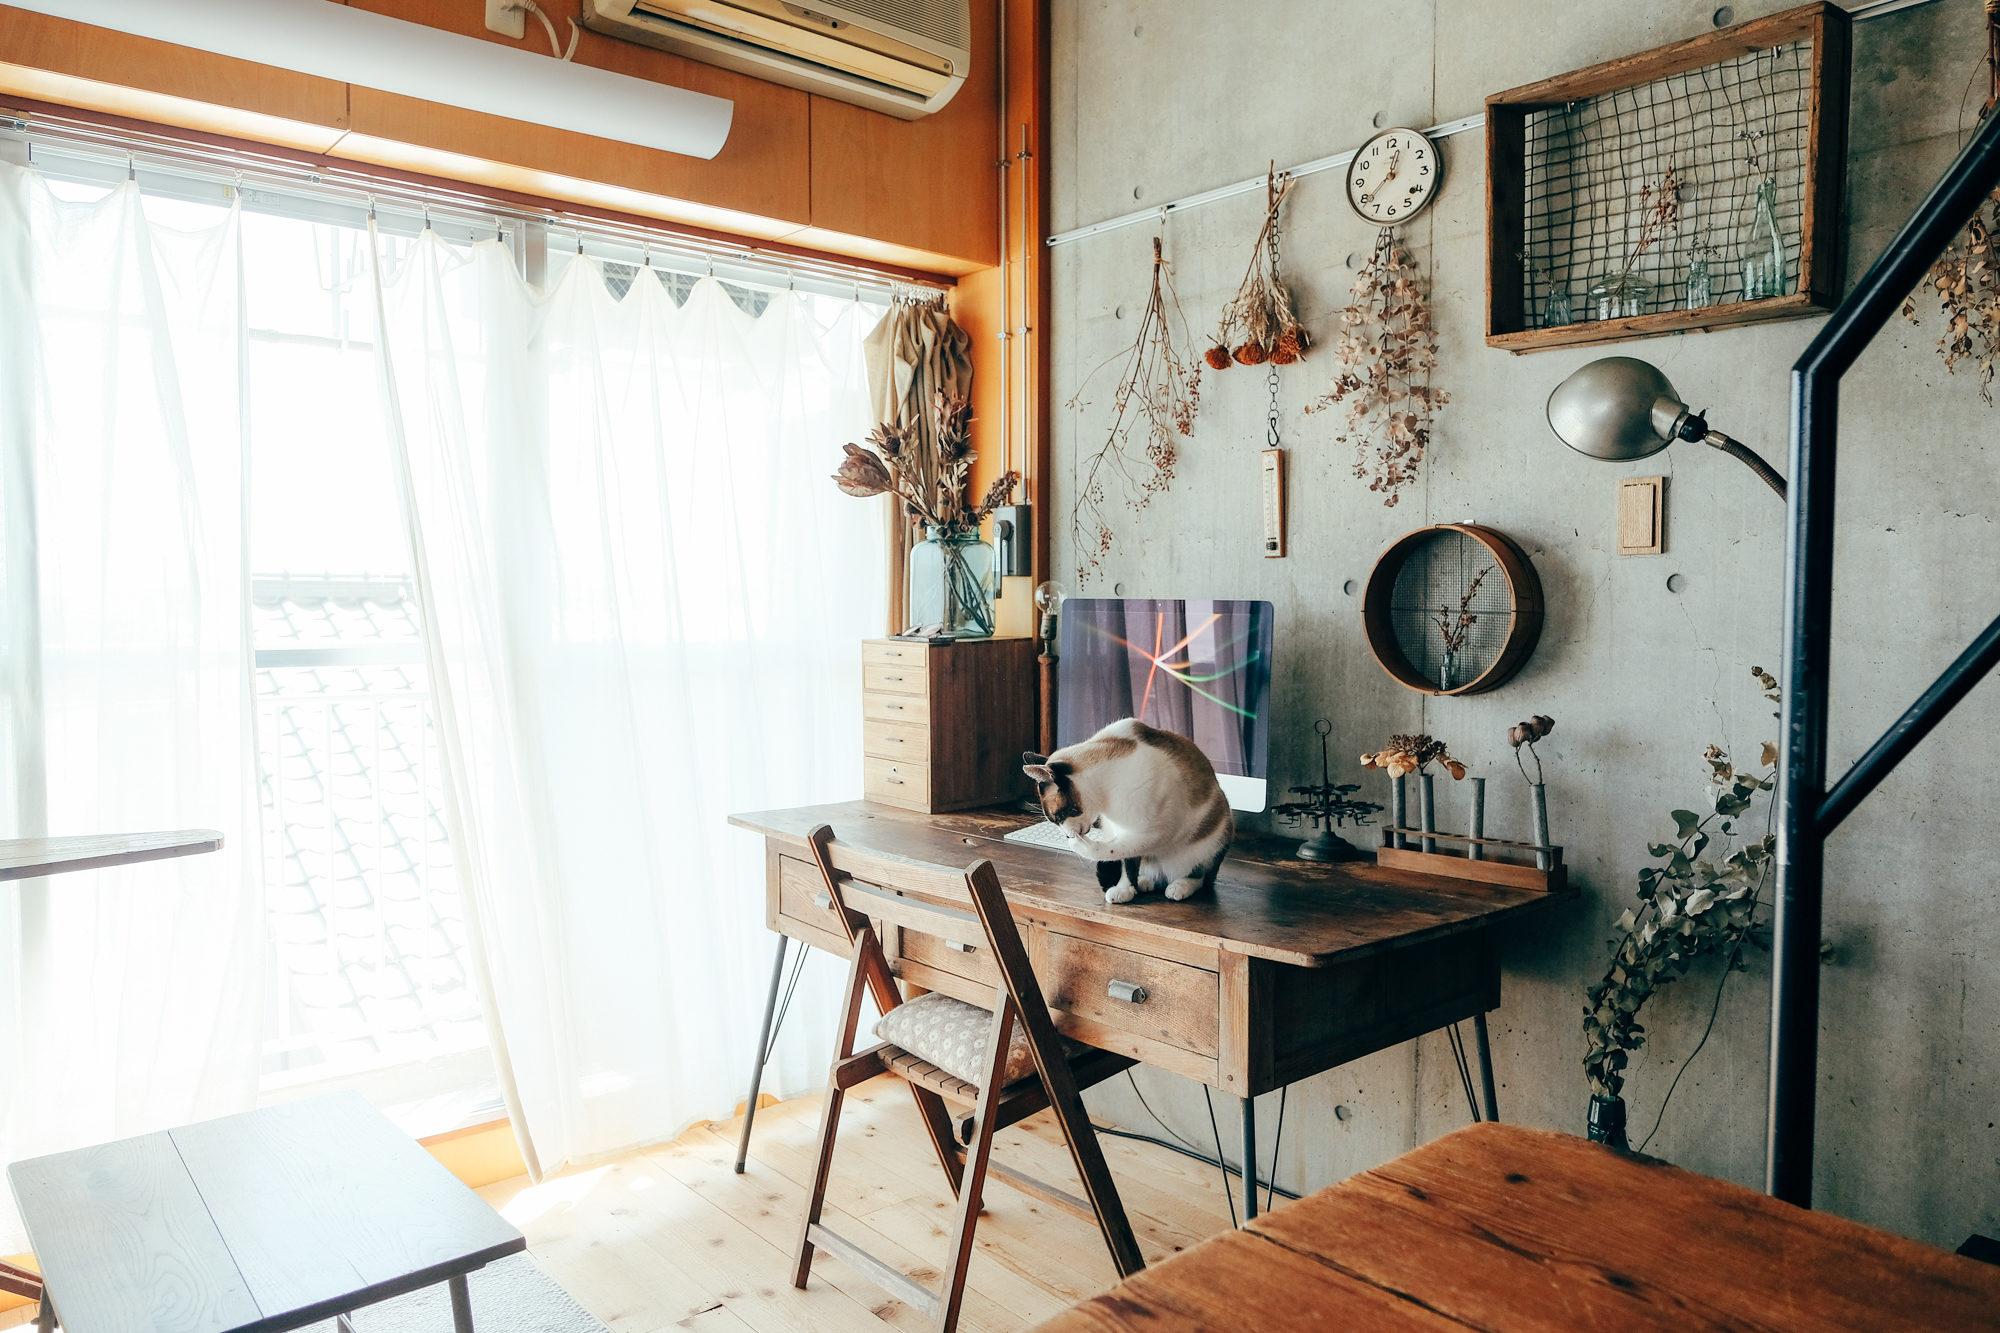 かわいい猫ちゃんとデザイナーズマンションに暮らす、二人暮らしの方のお部屋。古道具が大好きで、たくさん集めていらっしゃるのだそう。ヴィンテージの雰囲気に合うよう、床も貼りなおしたほどのこだわりぶりです。